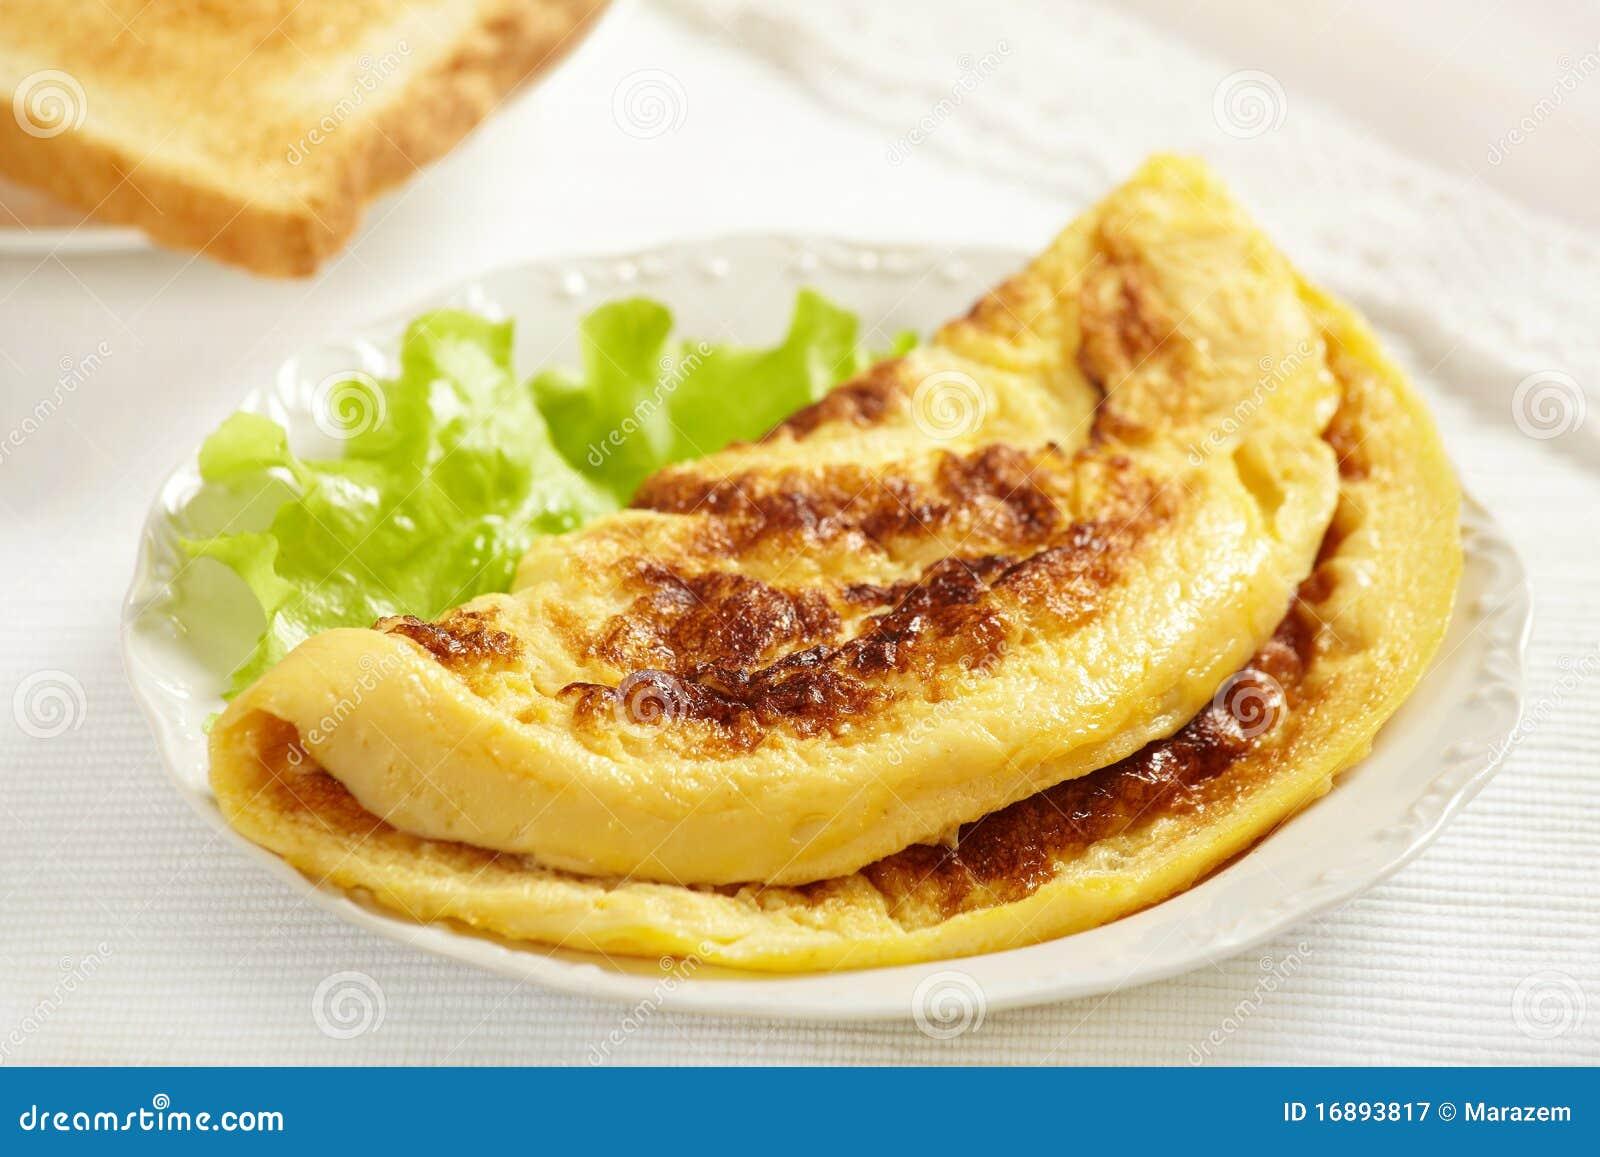 Fresh tasty omelet